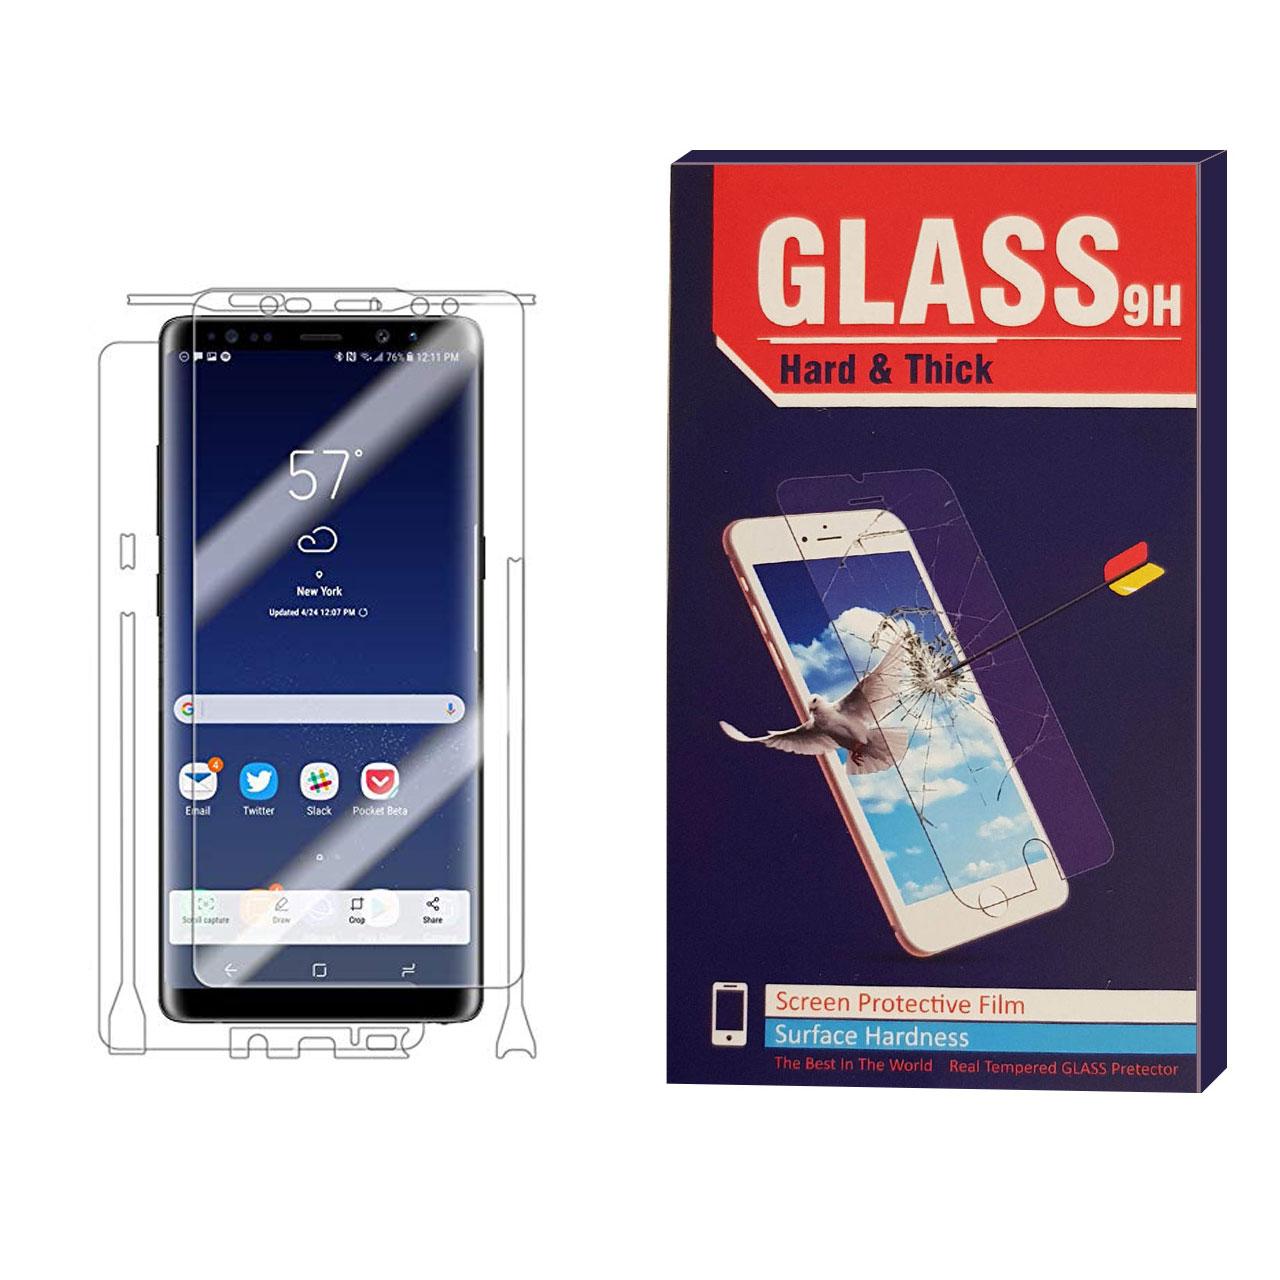 محافظ صفحه نمایش و پشت Hard and thick مدل CR-001 مناسب برای گوشی موبایل سامسونگ Galaxy note 8